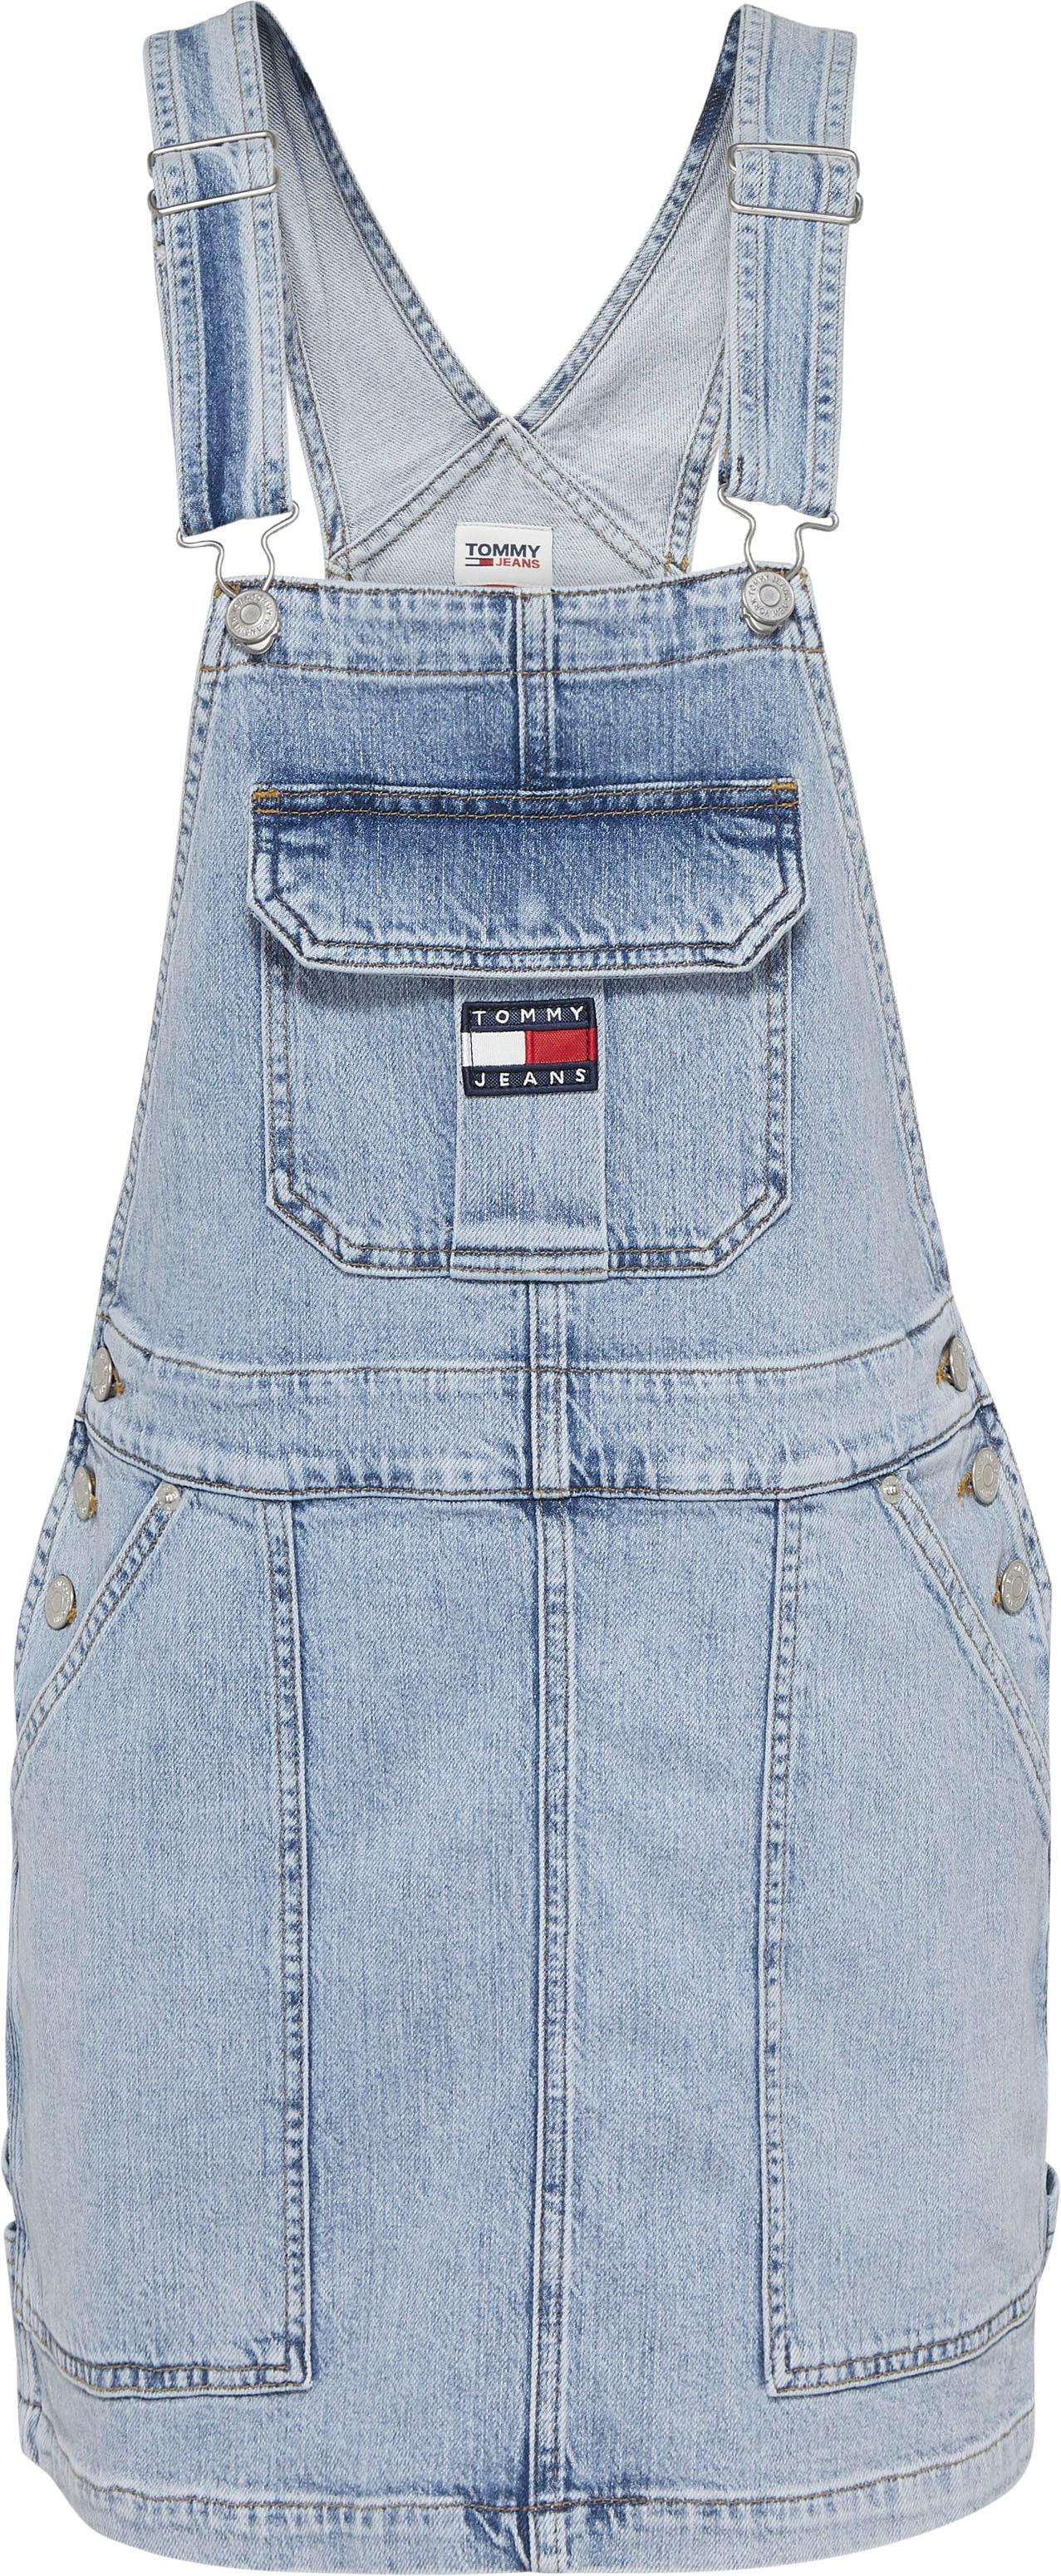 tommy jeans -  Latzkleid CARGO DUNGAREE DRESS TJLLBC, mit verstellbaren Trägern &  Logo-Badge